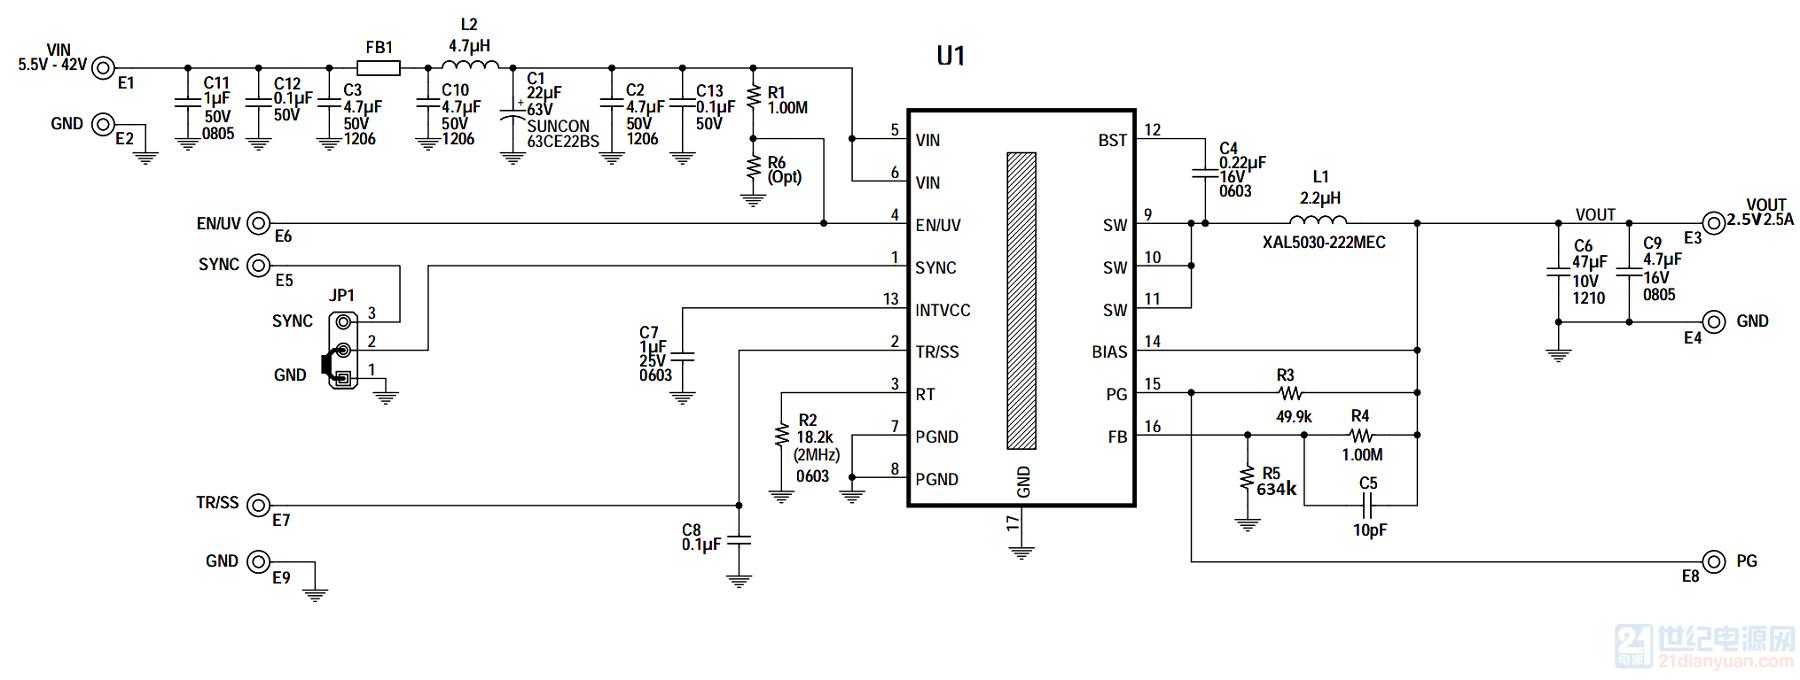 原理图1020-2.png